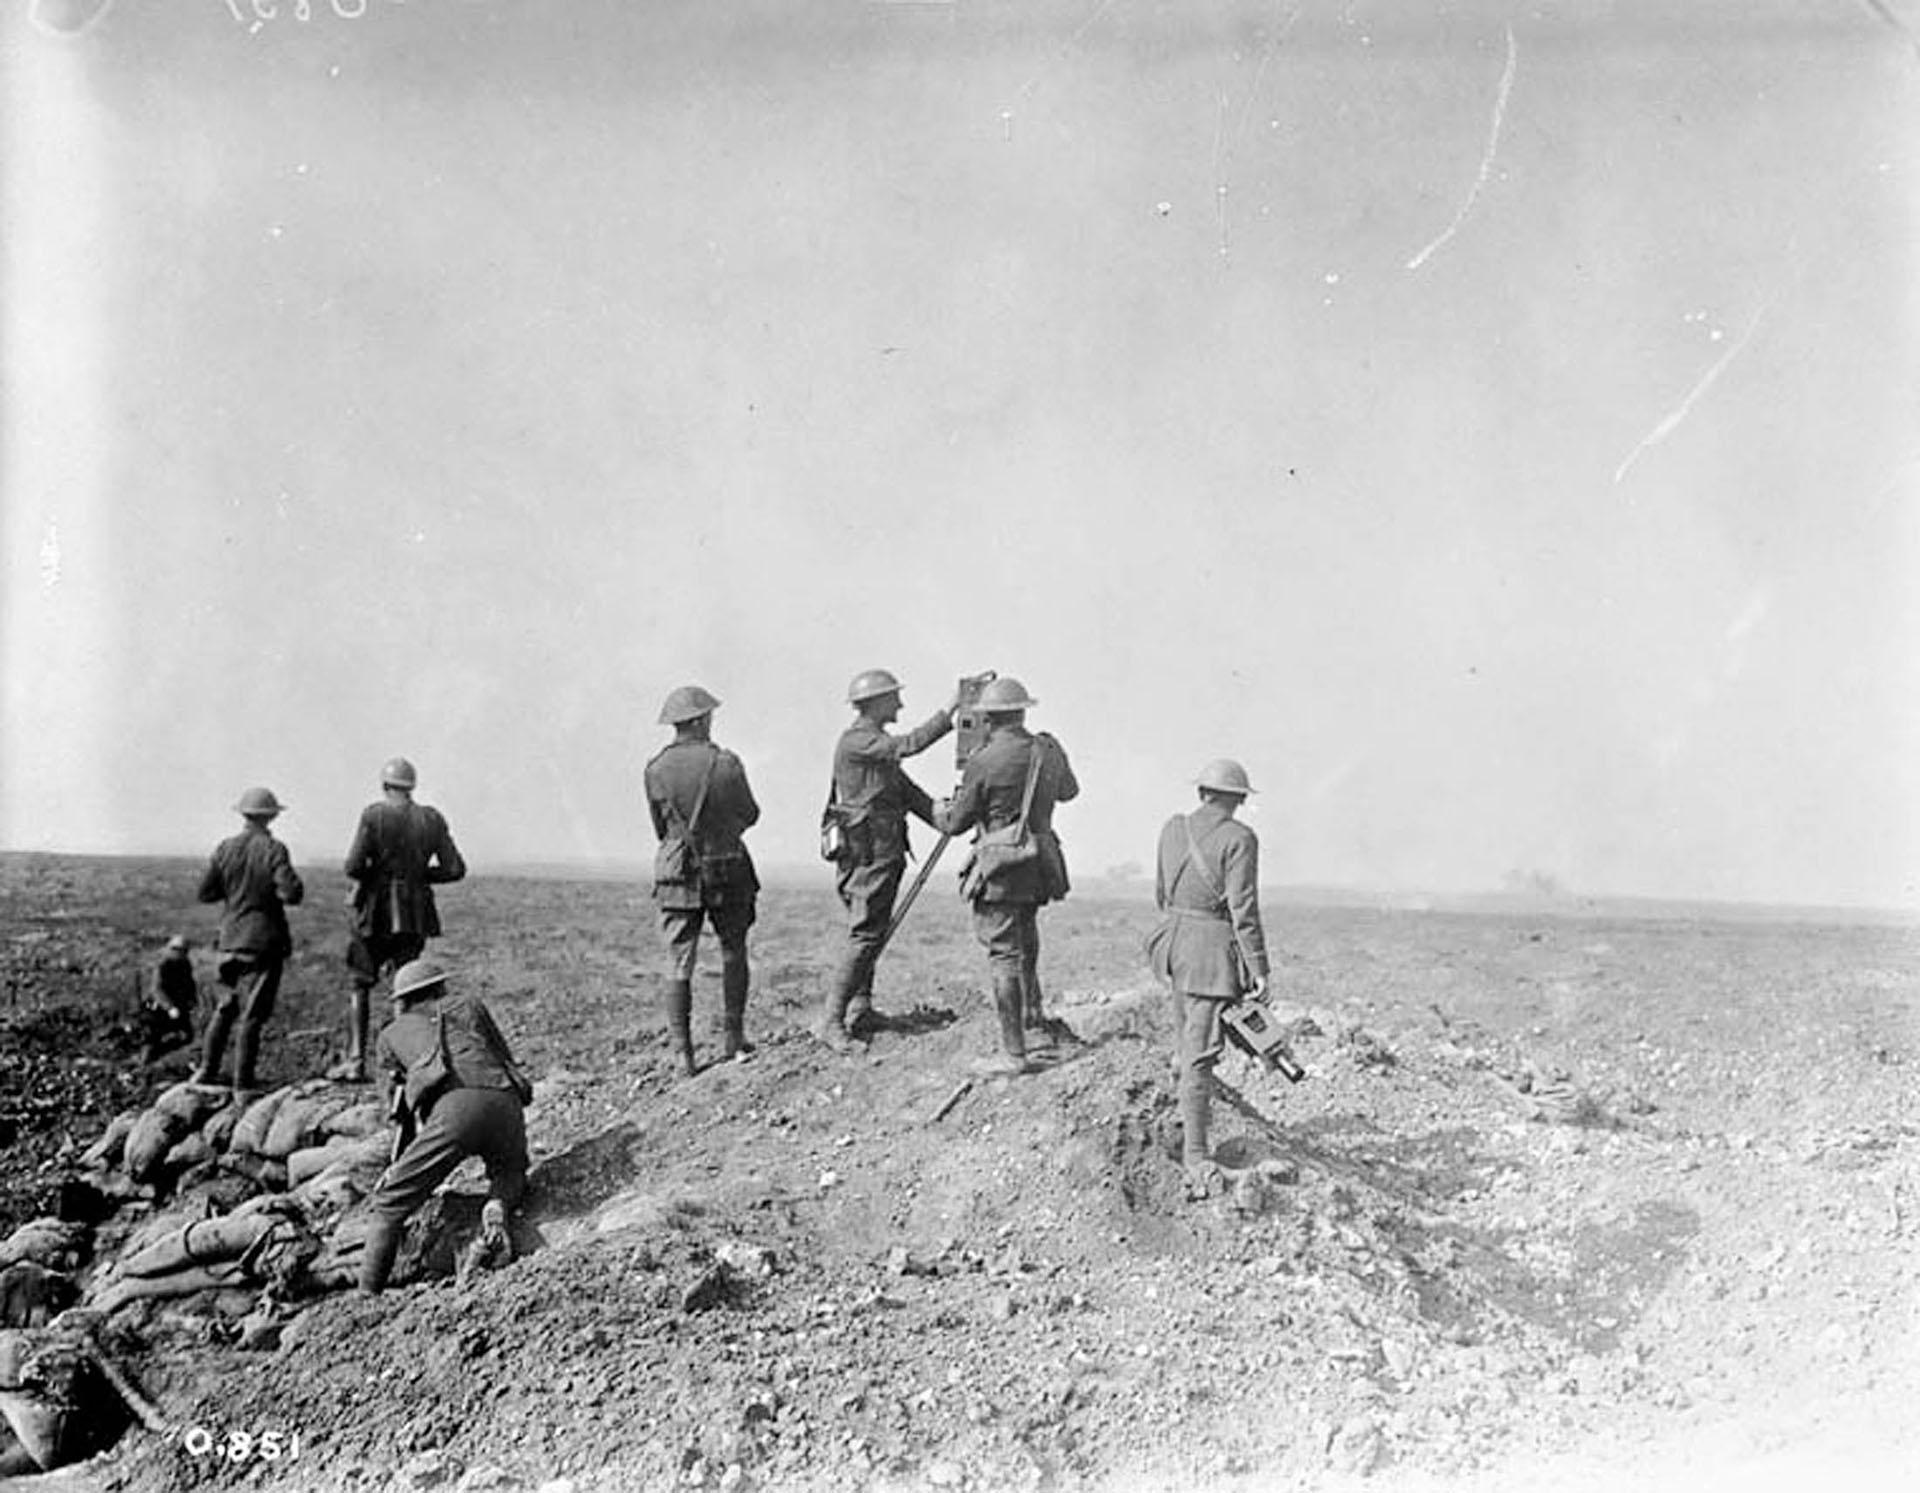 El principal propósito de la batalla era distraer a las tropas germanas de la batalla de Verdún (Reuters)